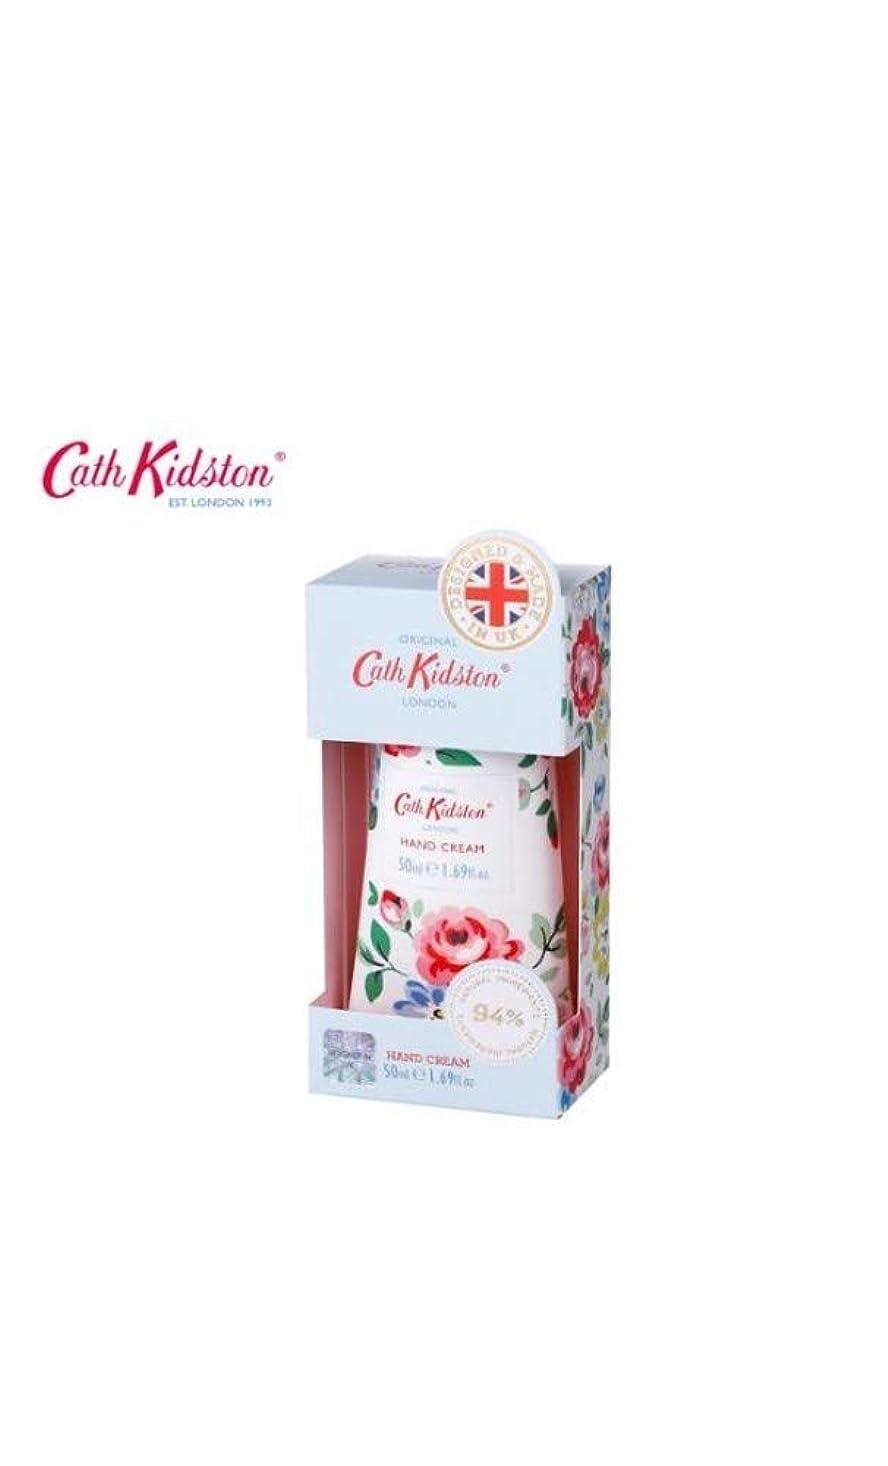 コロニアルドラマ海洋キャスキッドソン(Cath Kidston)☆ハンドクリーム50ml★ワイルドローズ&クインス(Wildrose&Quince)[並行輸入品]